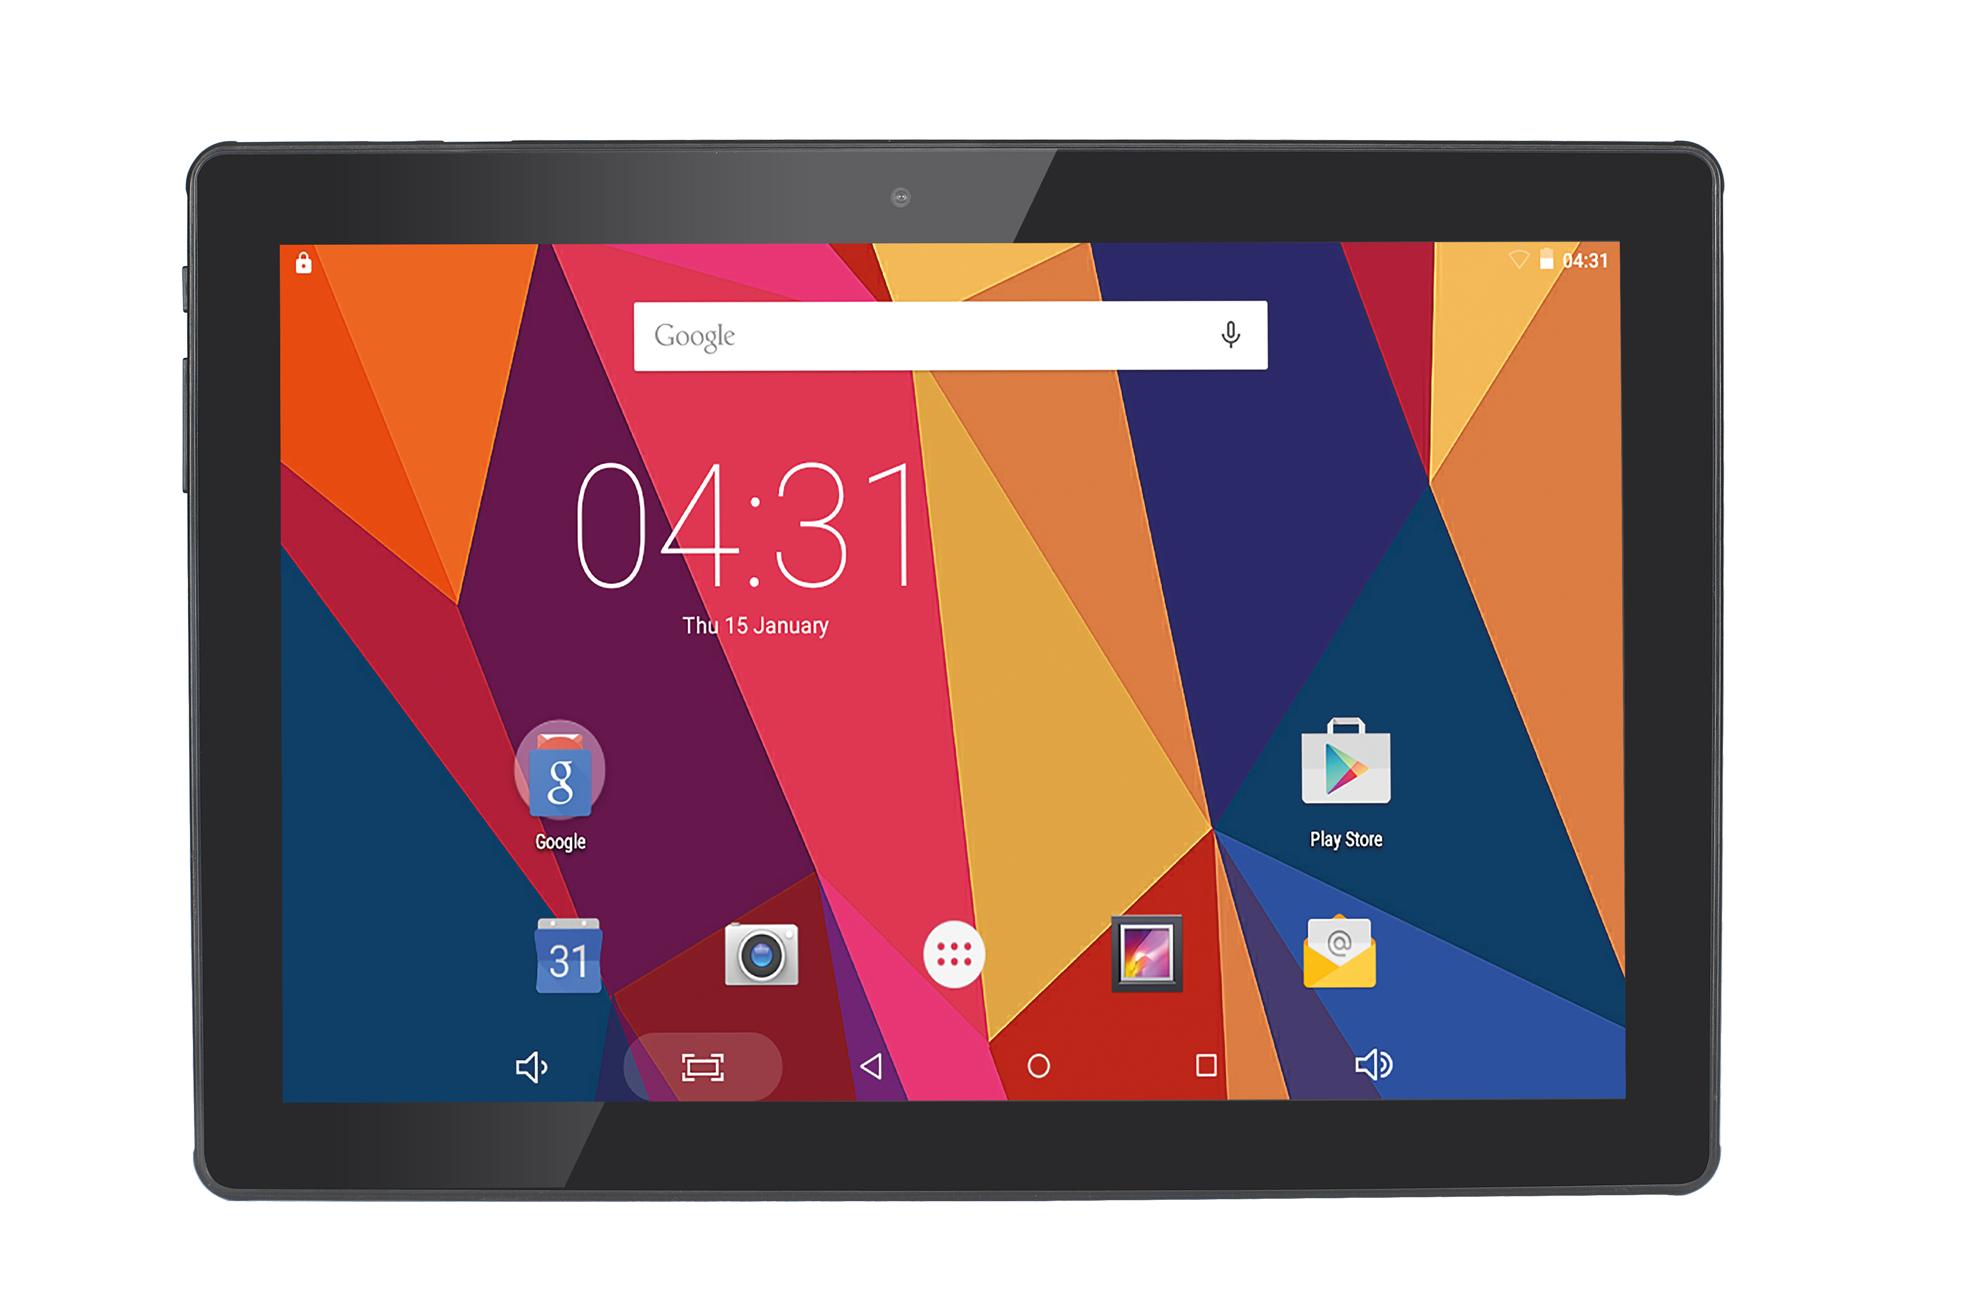 Hannspree Tablet Hercules 101 la soluzione ideale di mobile computing e d'intrattenimento, prestante ed ad un prezzo accessibile